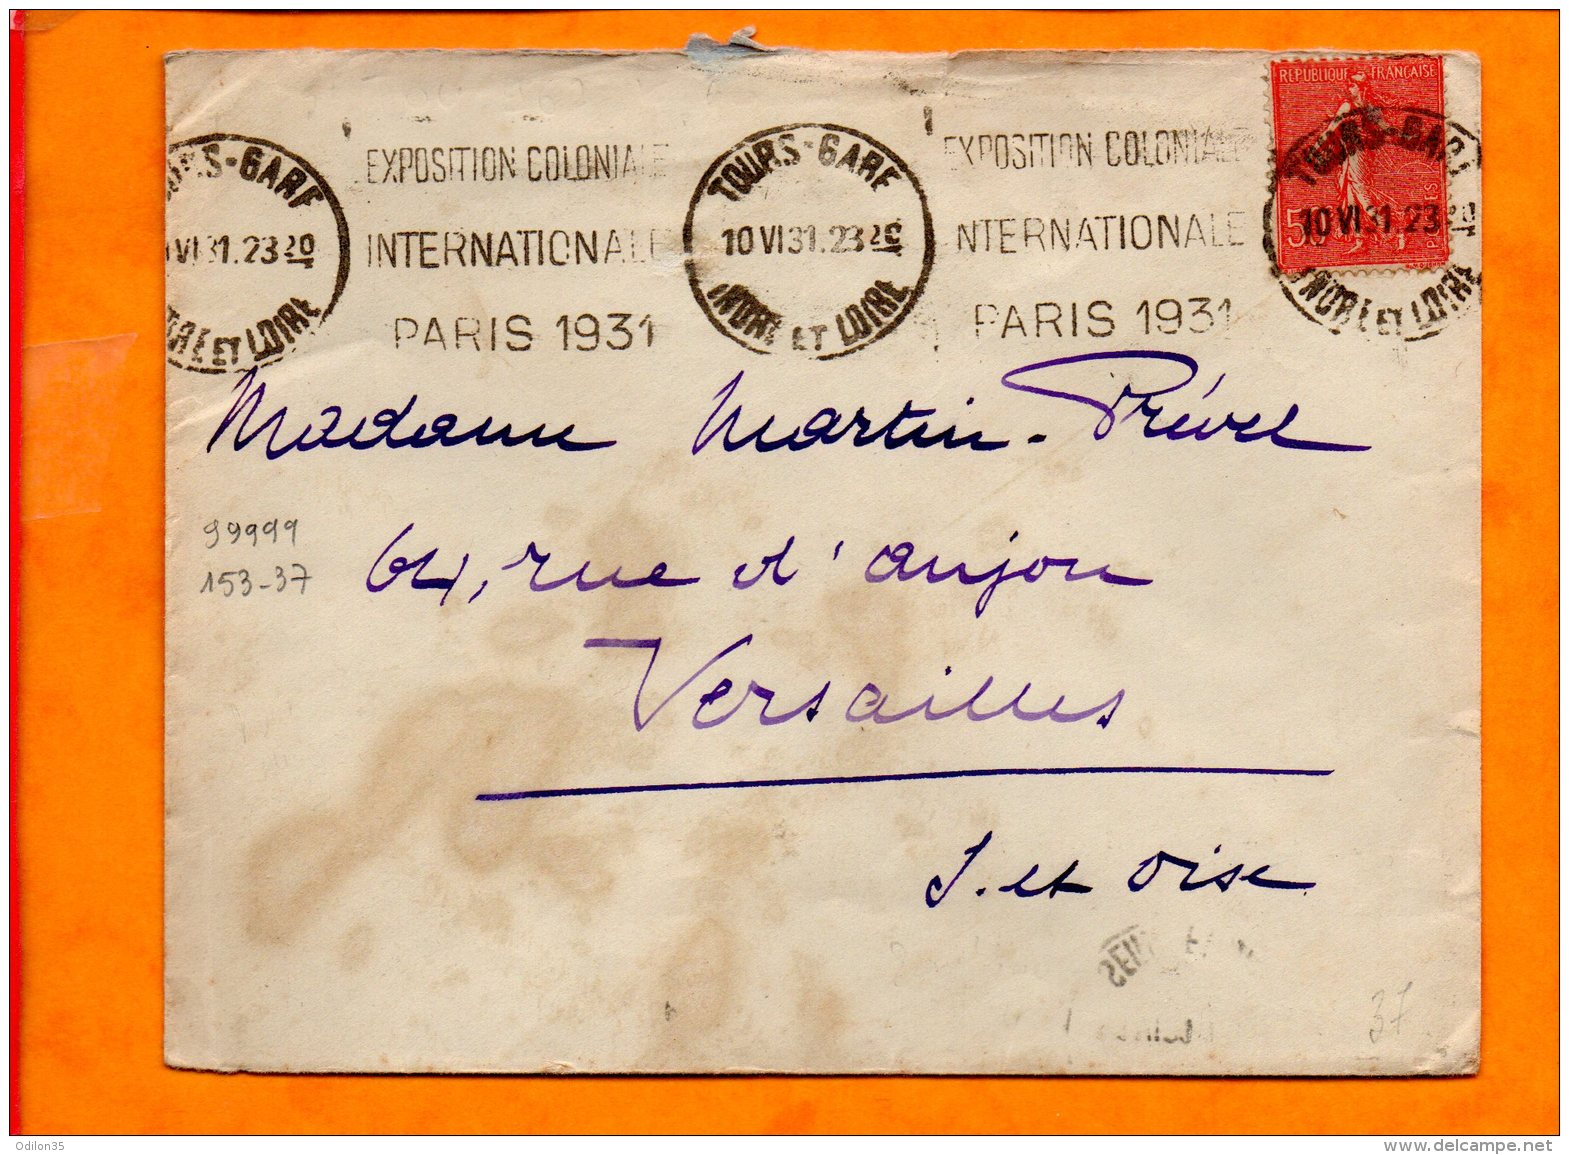 INDRE ET LOIRE, Tours, Flamme à Texte, Exposition Coloniale Internationale Paris 1931, KRAG - Poststempel (Briefe)